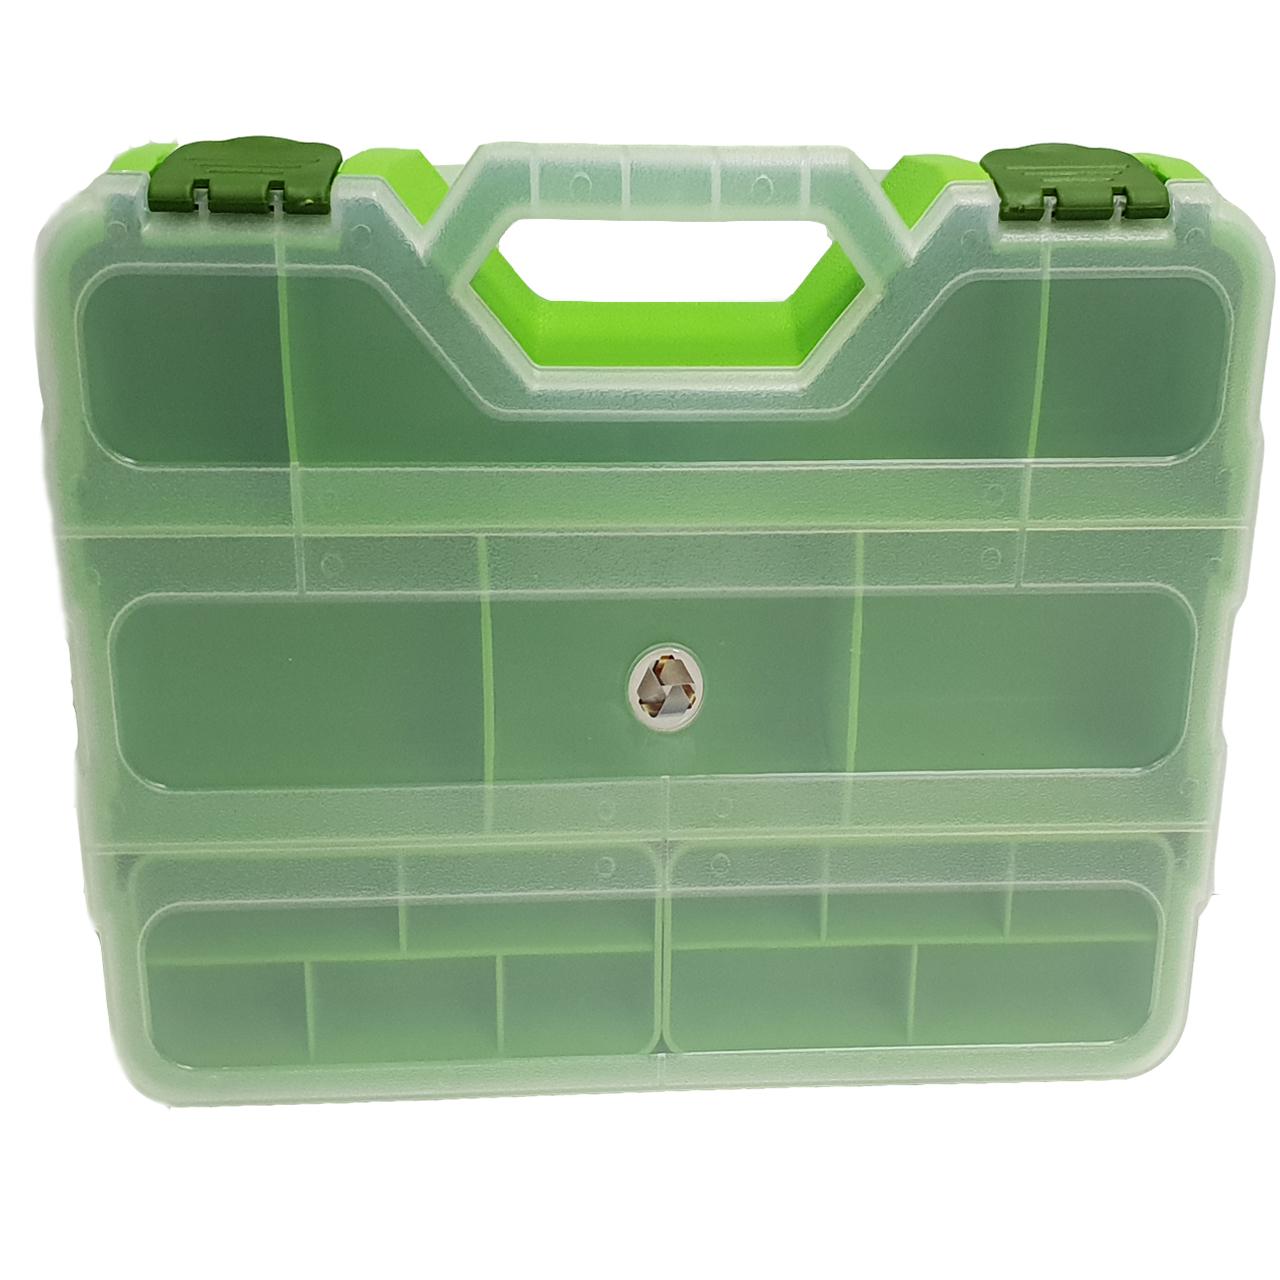 قیمت جعبه ابزار ۲۱ محفظه مدل E10